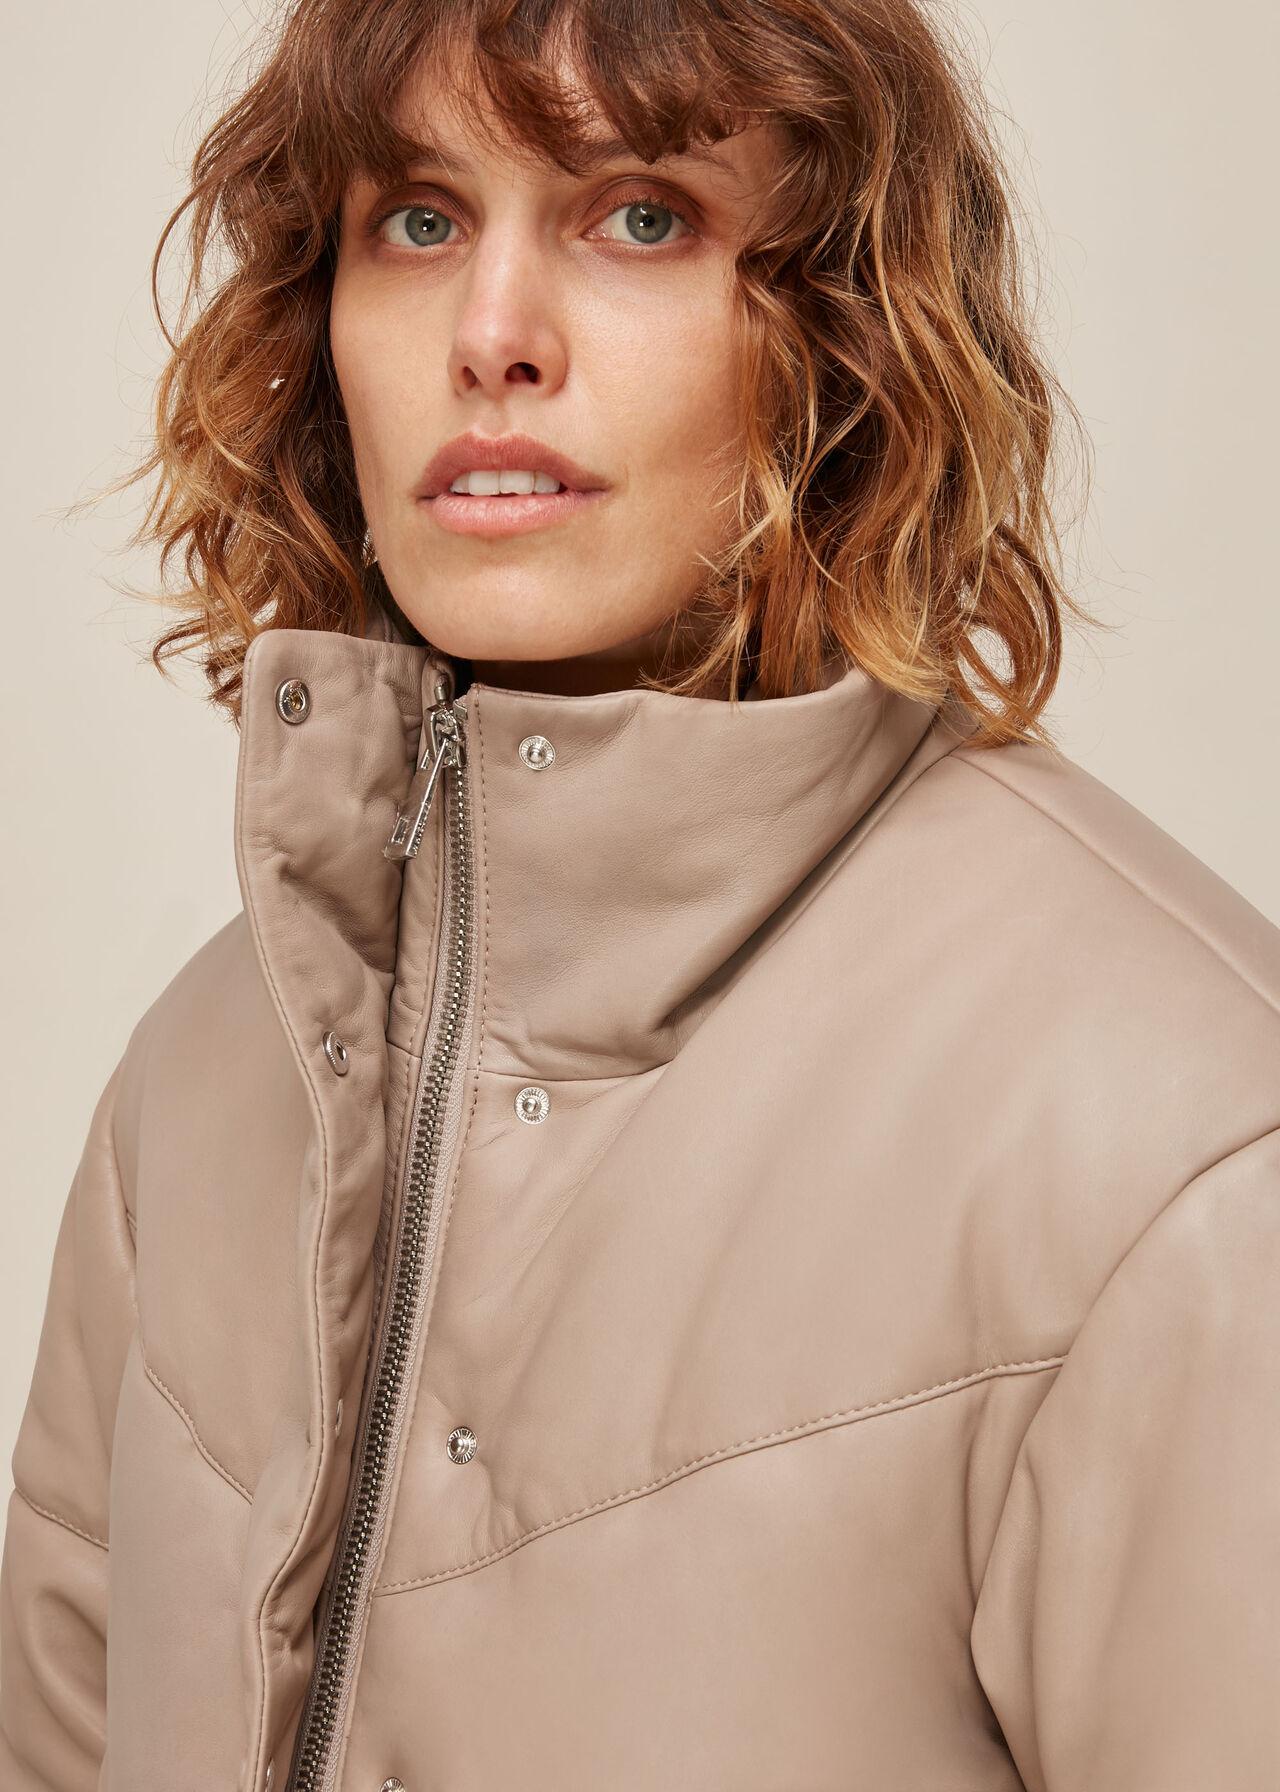 Yaz Leather Puffer Jacket